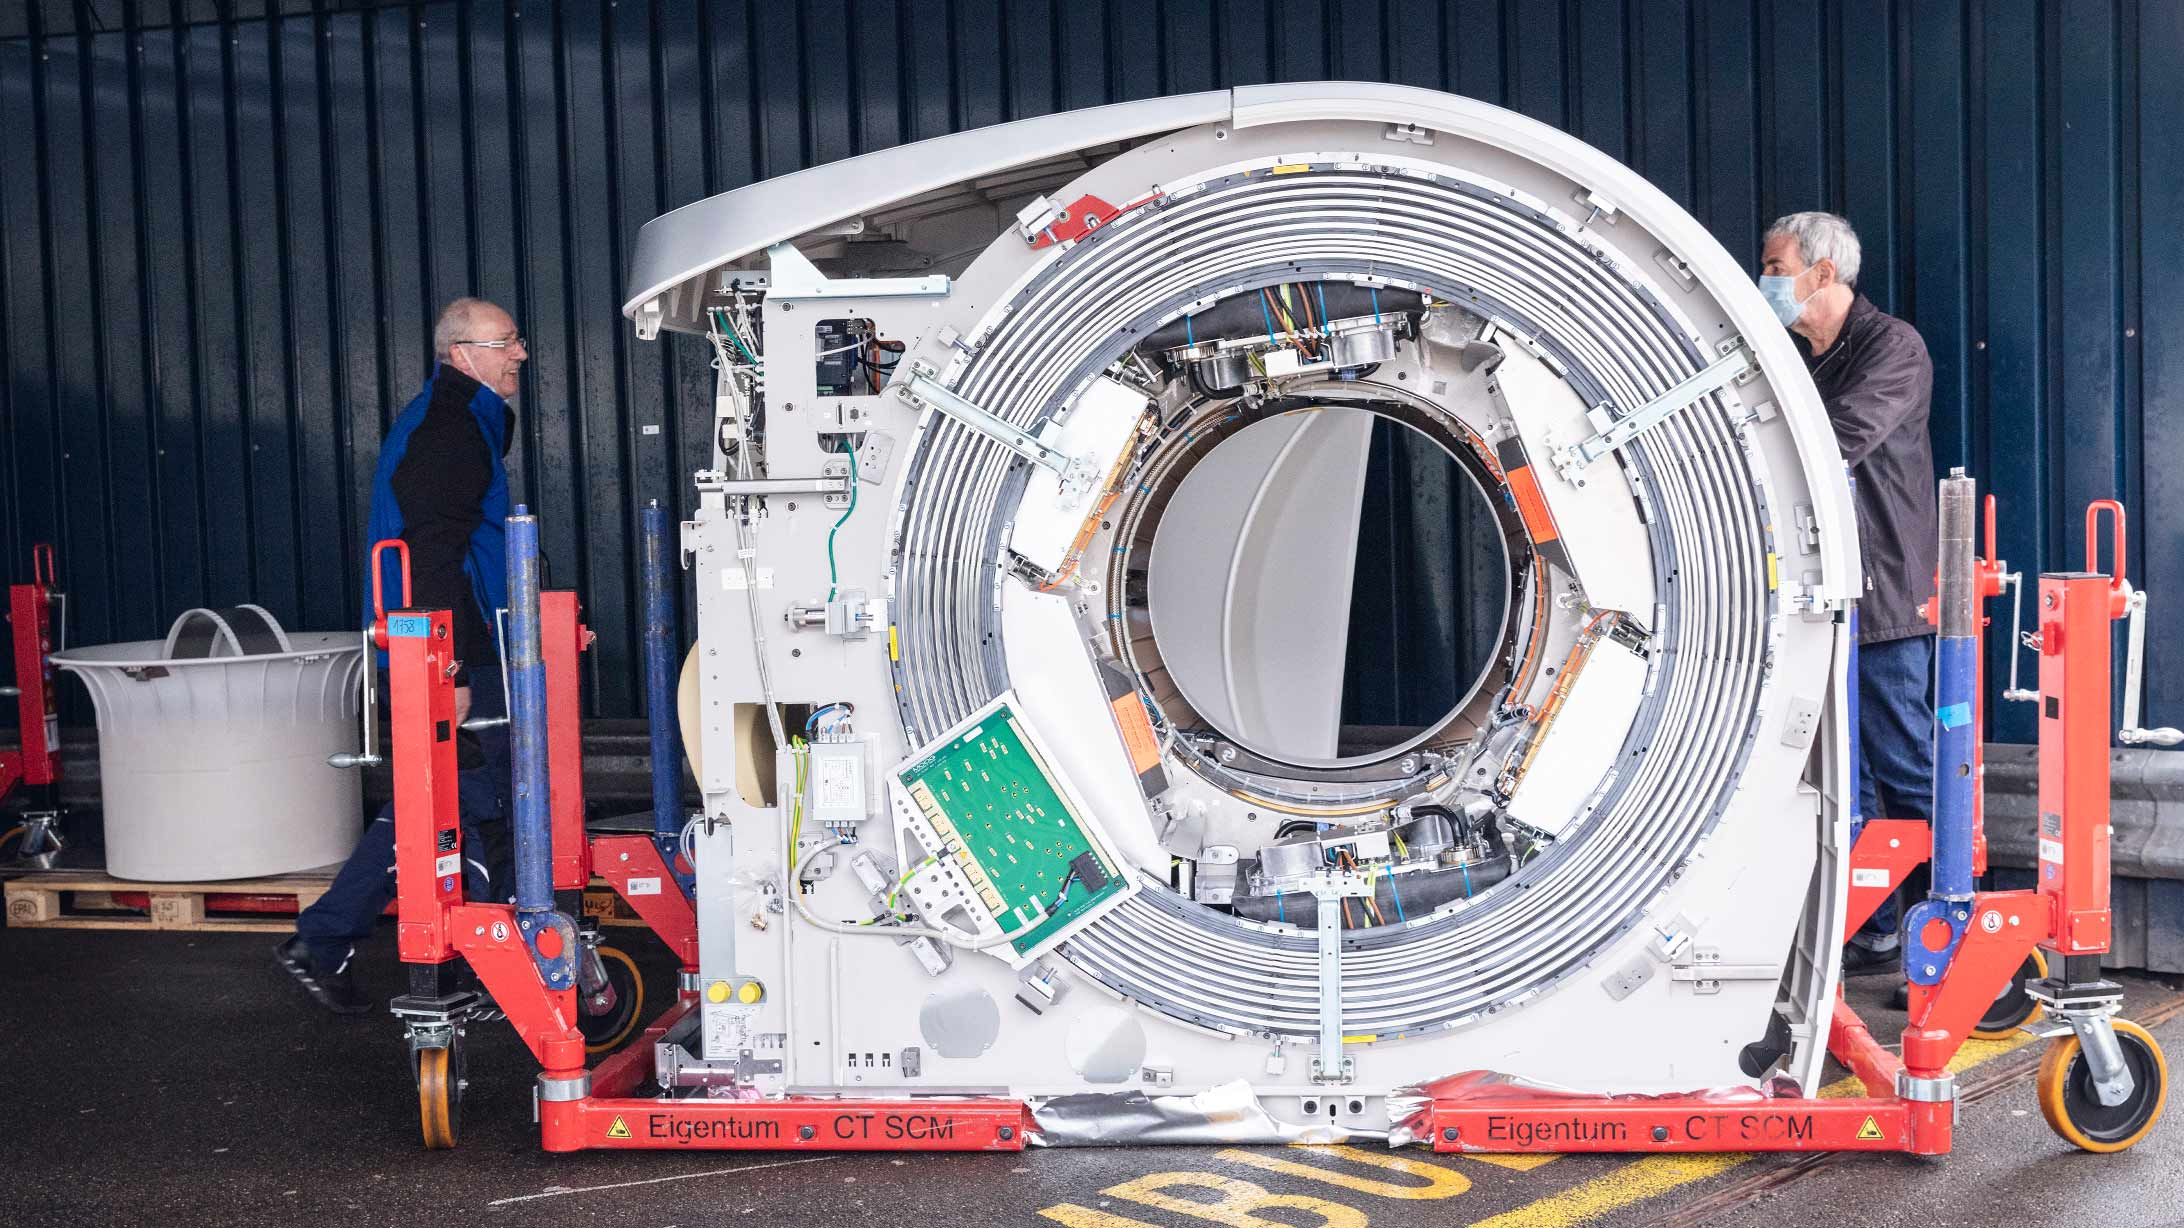 Zwei Mitarbeiter liefern beim KSB ein Computertomographie-Gerät an. Die Haube ist entfernt, sodass die Elektronik im Inneren sichtbar wird.